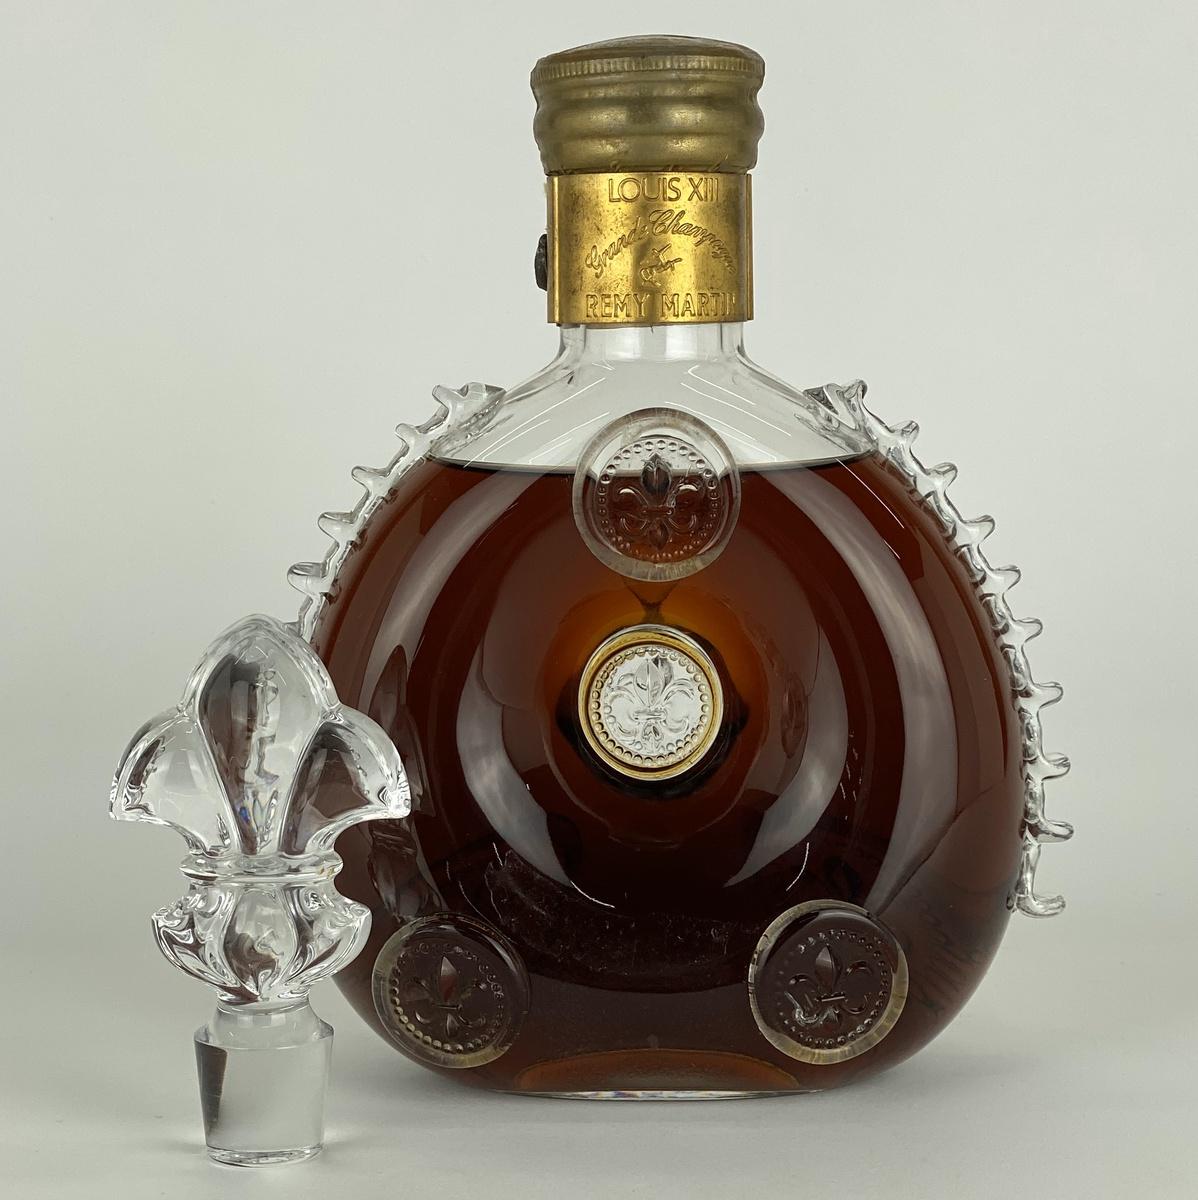 レミーマルタン REMY MARTIN ルイ13世 現行 700ml ブランデー コニャック 【古酒】